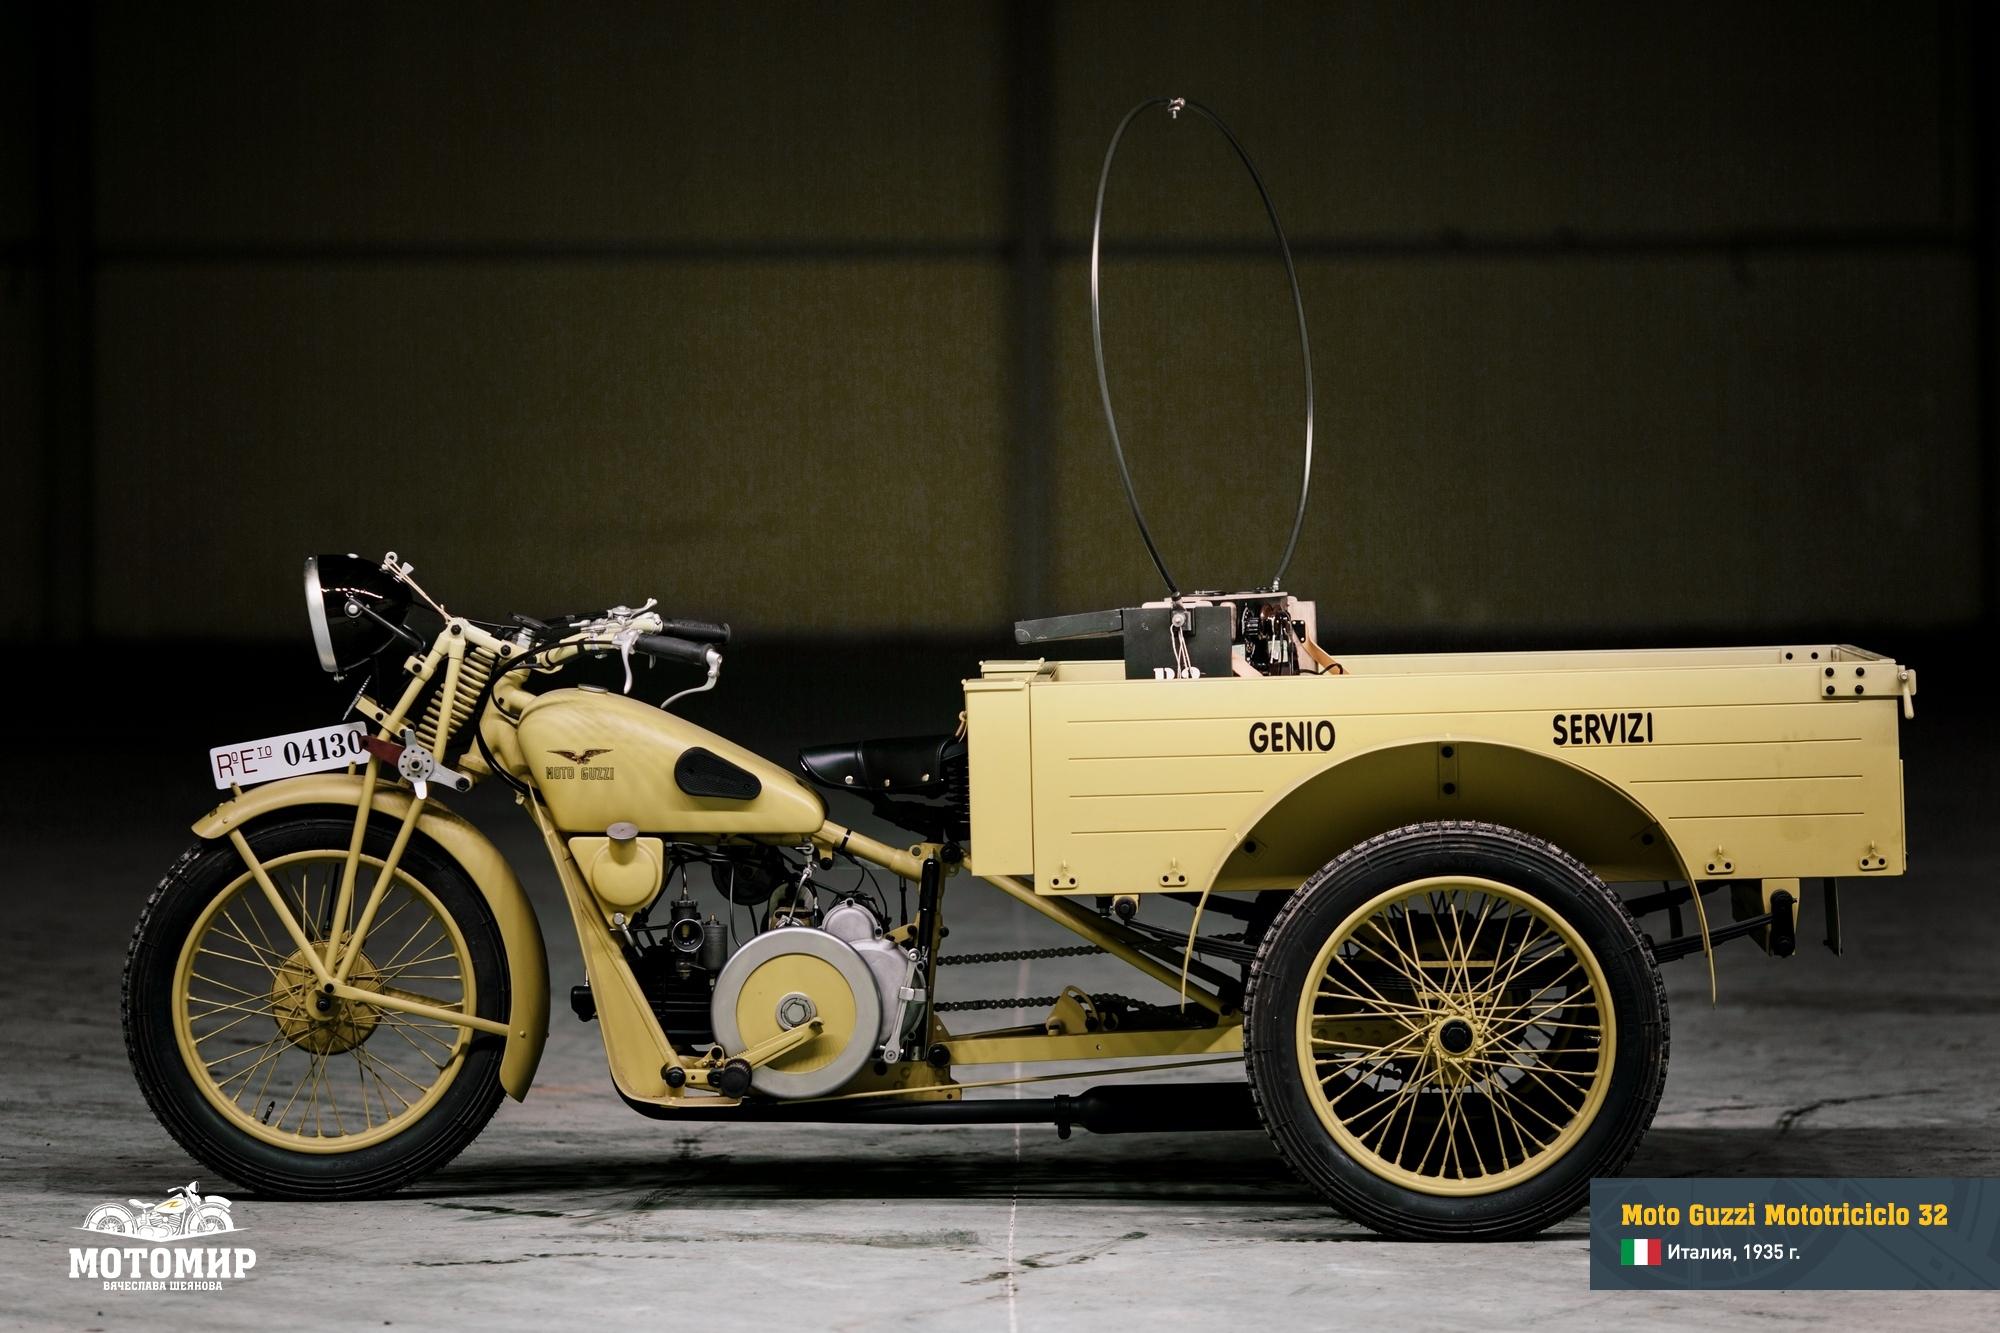 moto-guzzi-mototriciclo-32-web-01